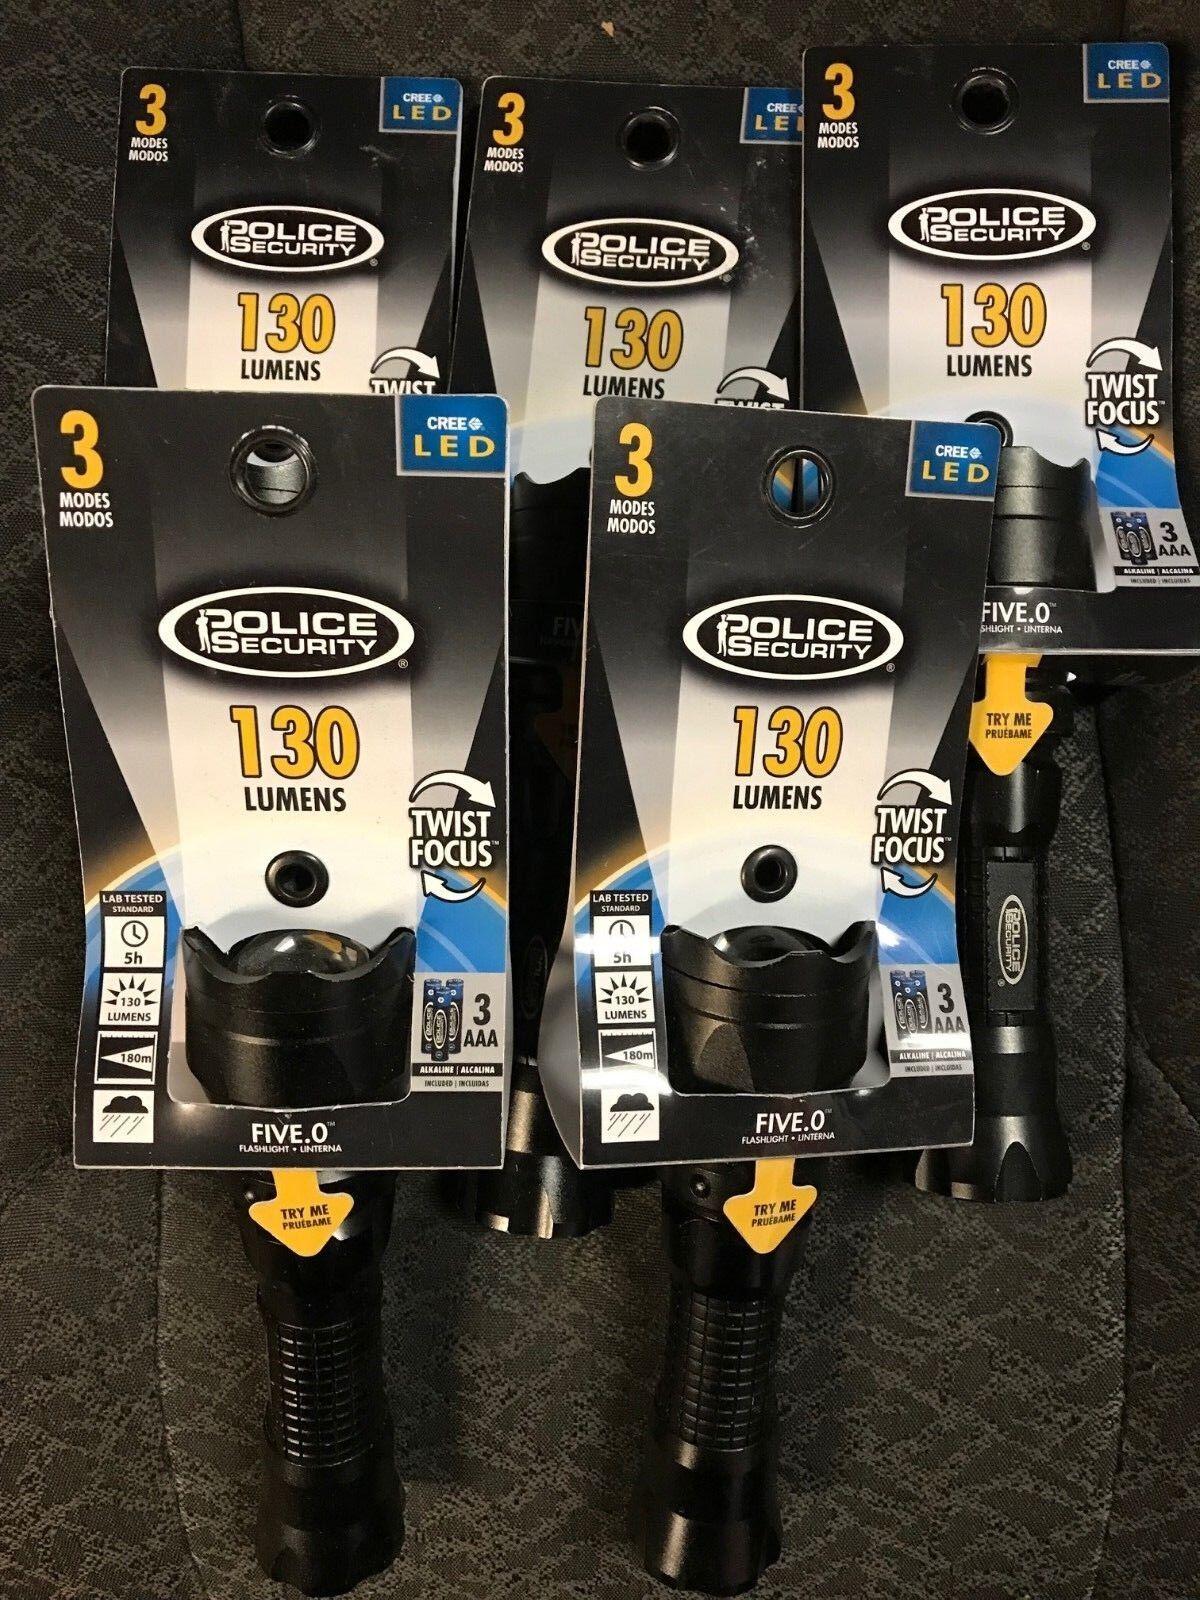 La policía de seguridad de cinco o Linterna Linterna Linterna 3 modos 130 LM 31471 Lote de 5 Luces 8df196